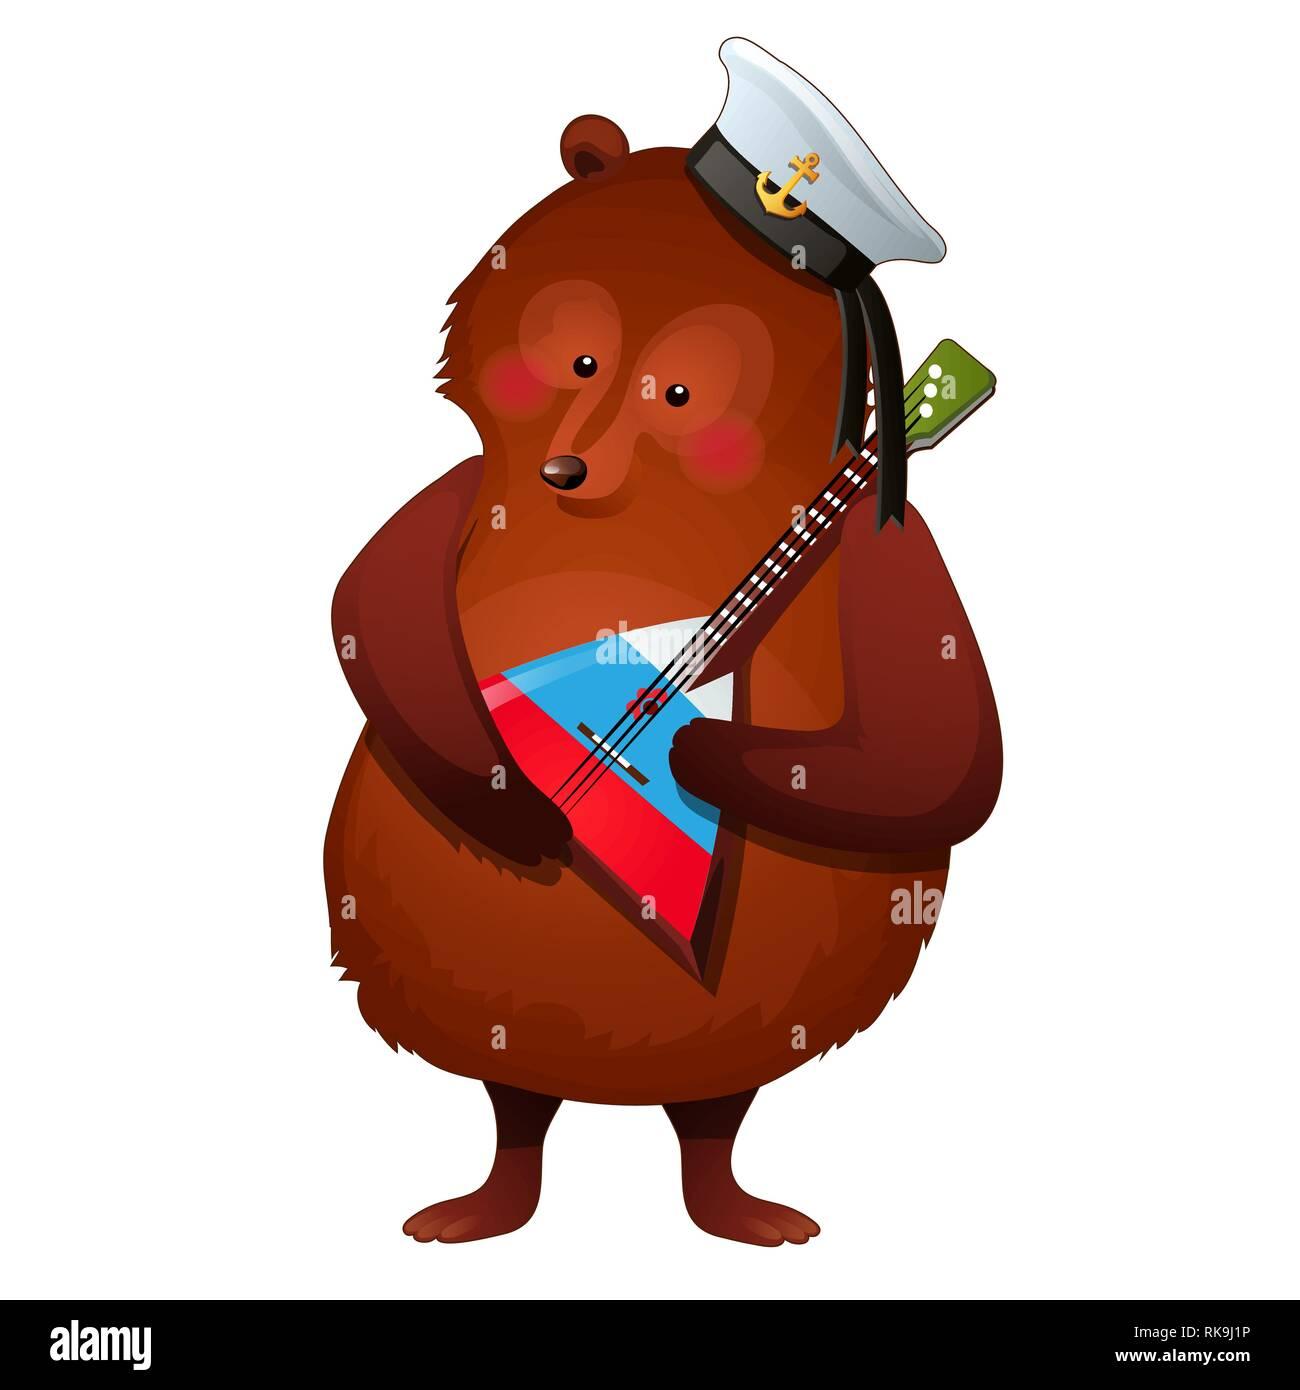 62c37f531 Russian Bear Cartoon Stock Photos & Russian Bear Cartoon Stock ...